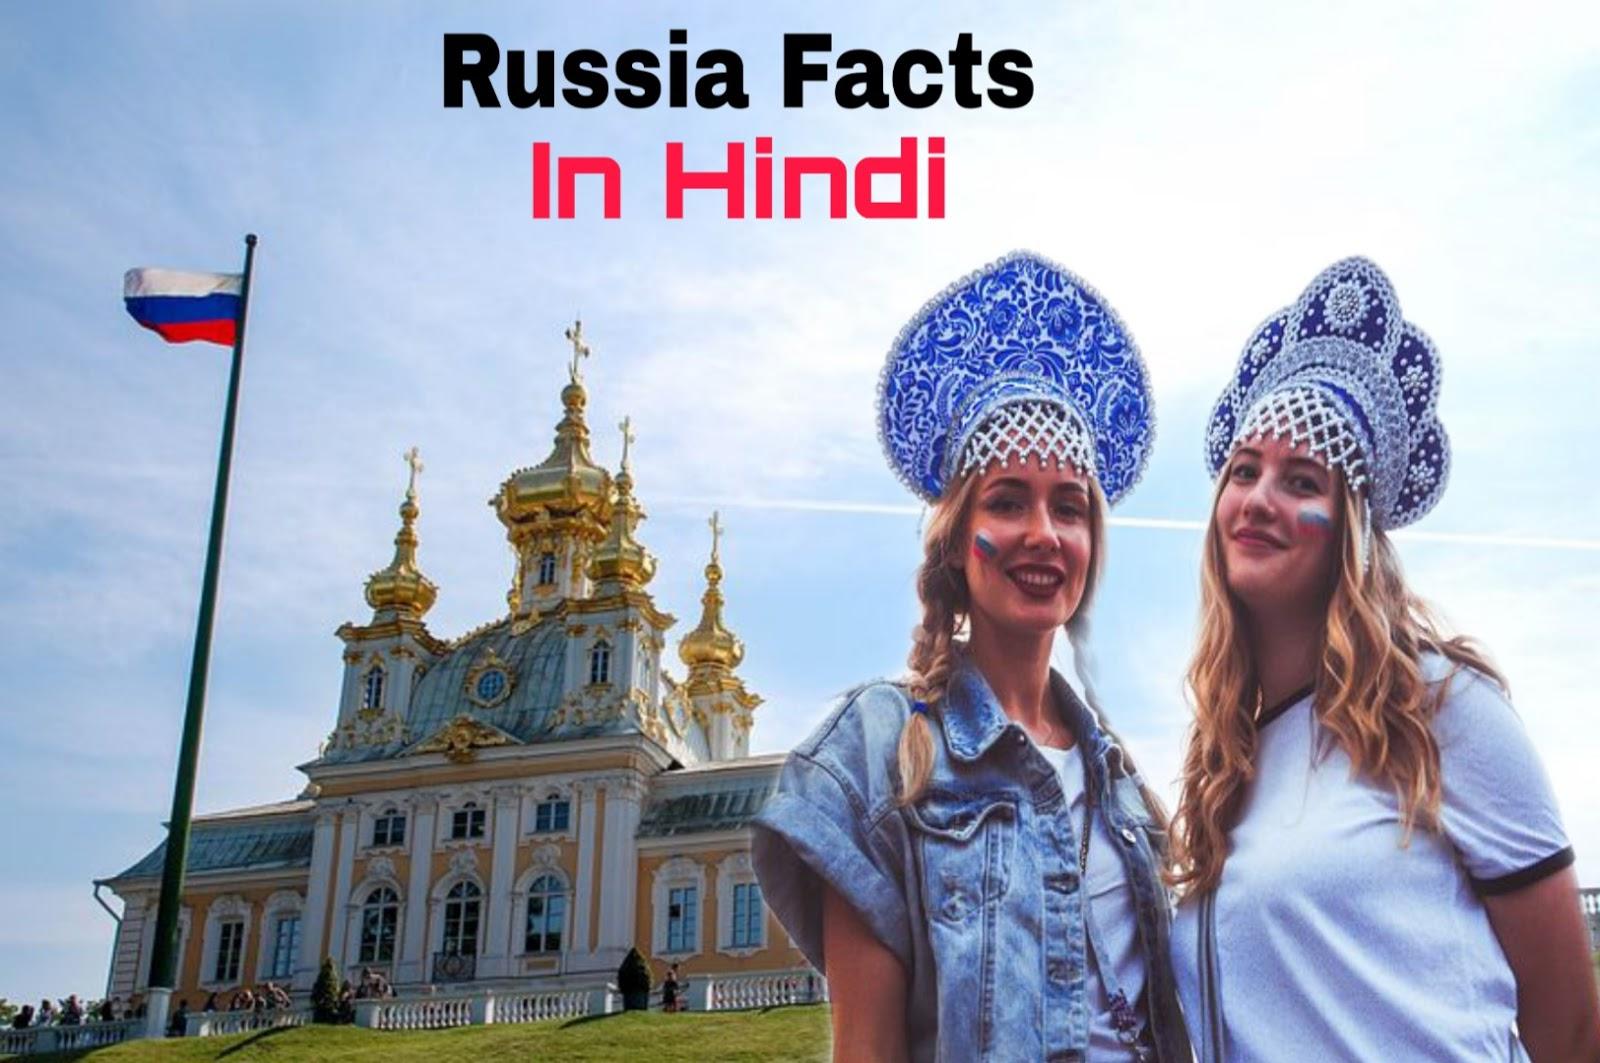 रूस के बारे में यह बात आप नहीं जानते होंगे - 20 Amazing Facts about Russia in Hindi